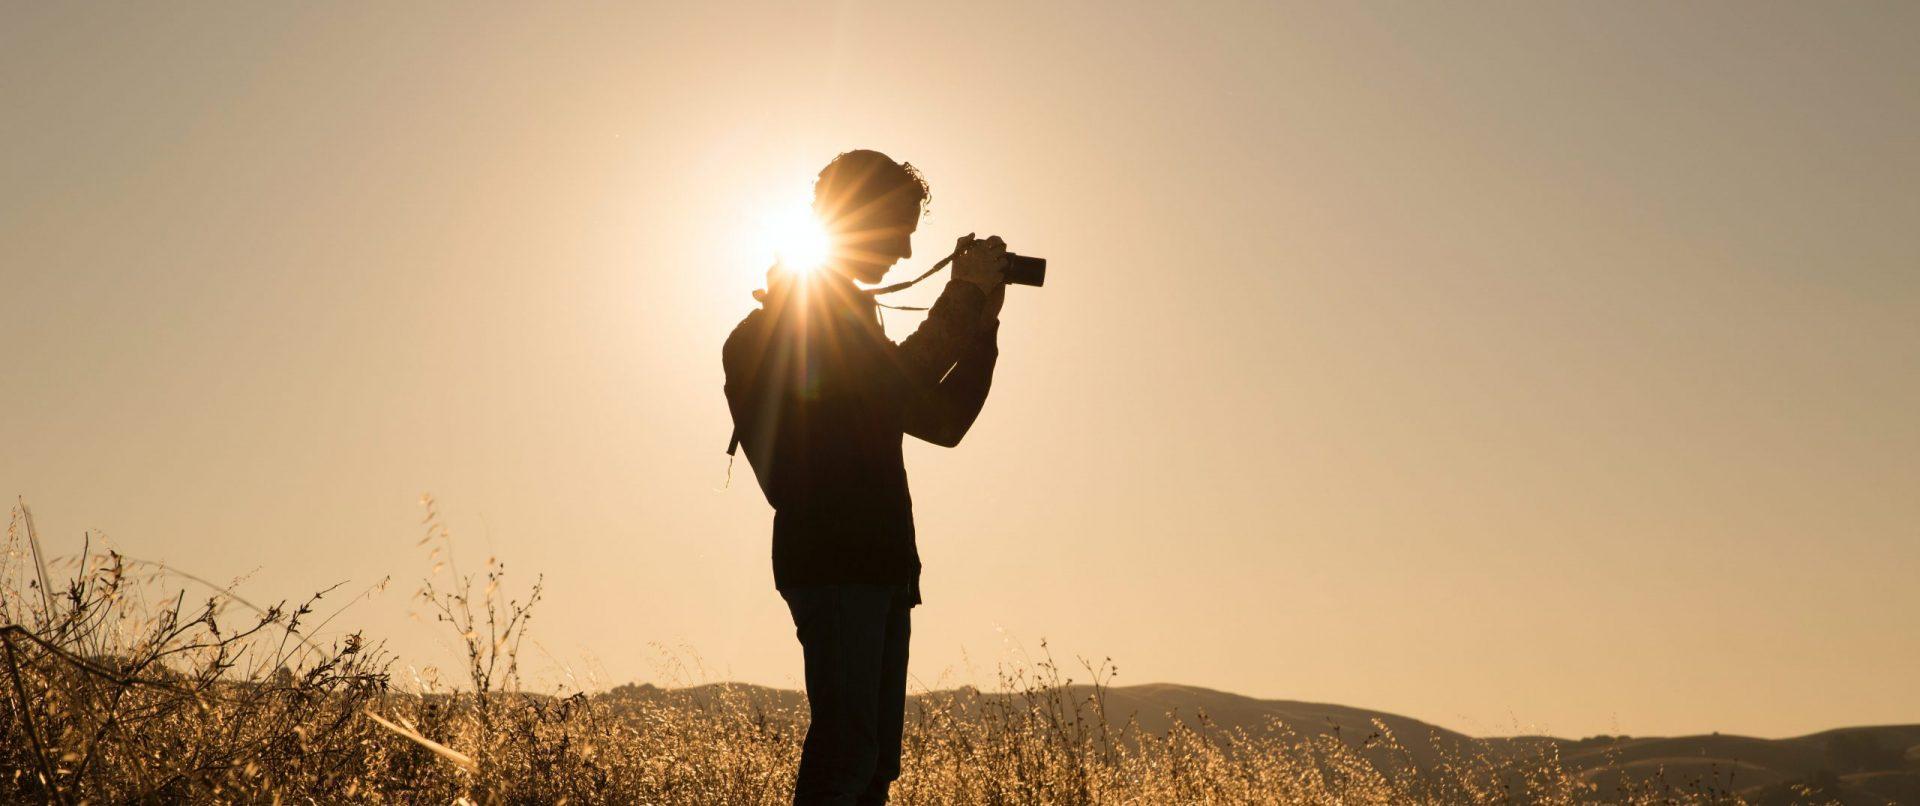 De beste camera's voor het fotograferen van dieren